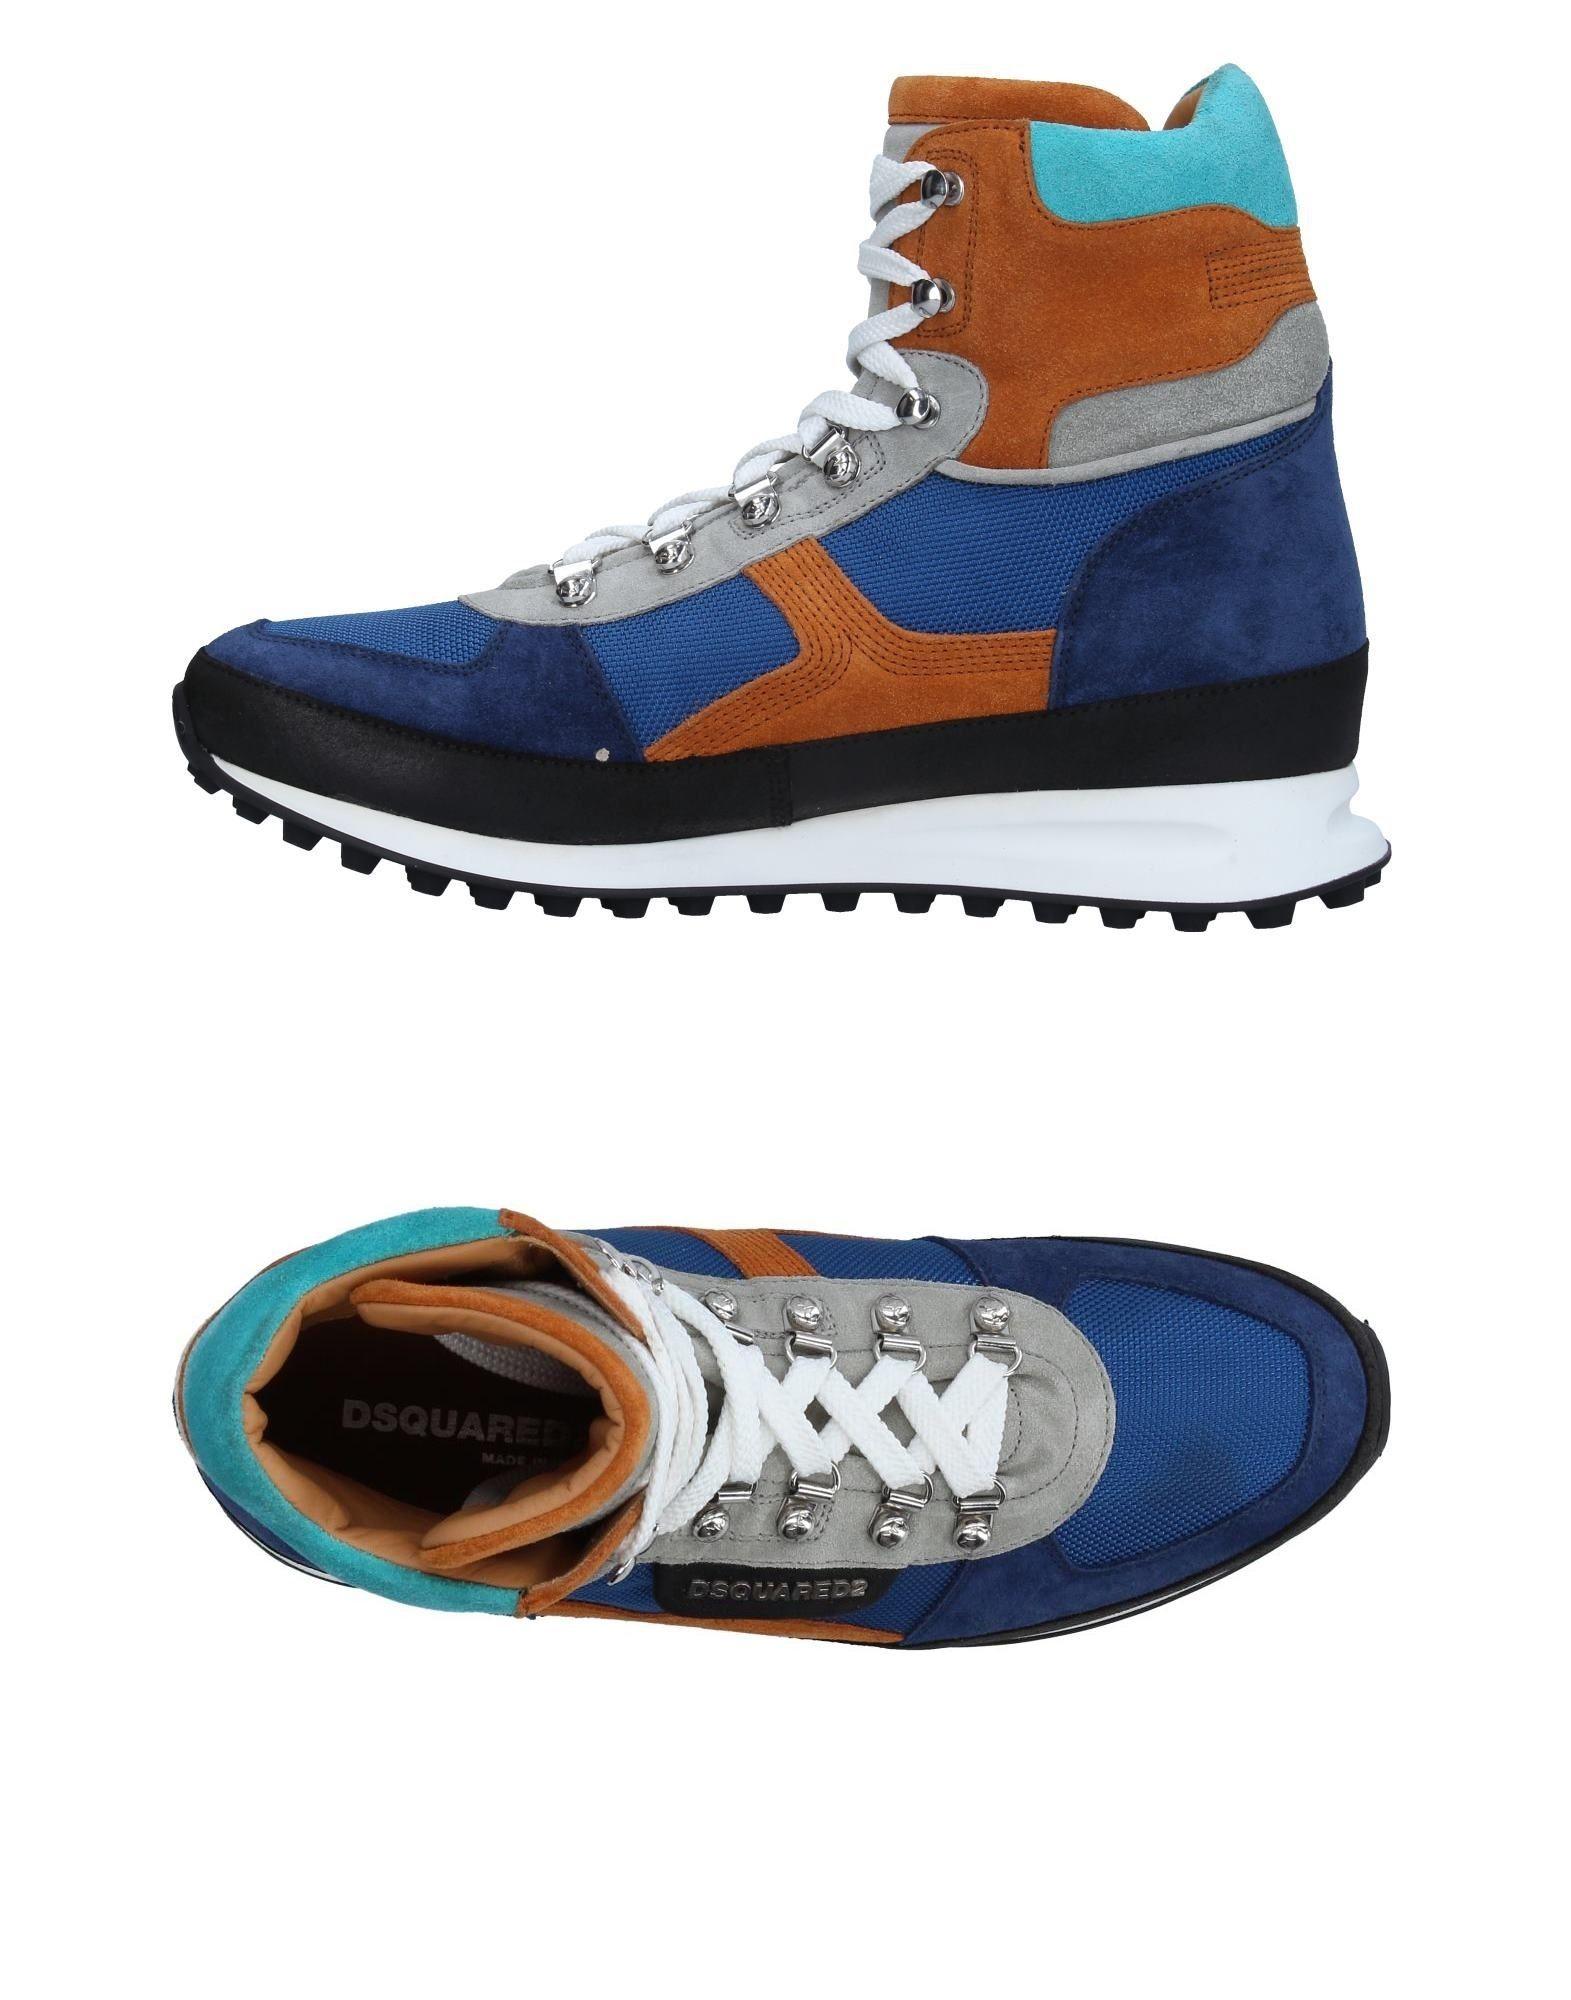 Sneakers Quattrobarradodici Donna - 11434377DW Scarpe economiche e buone